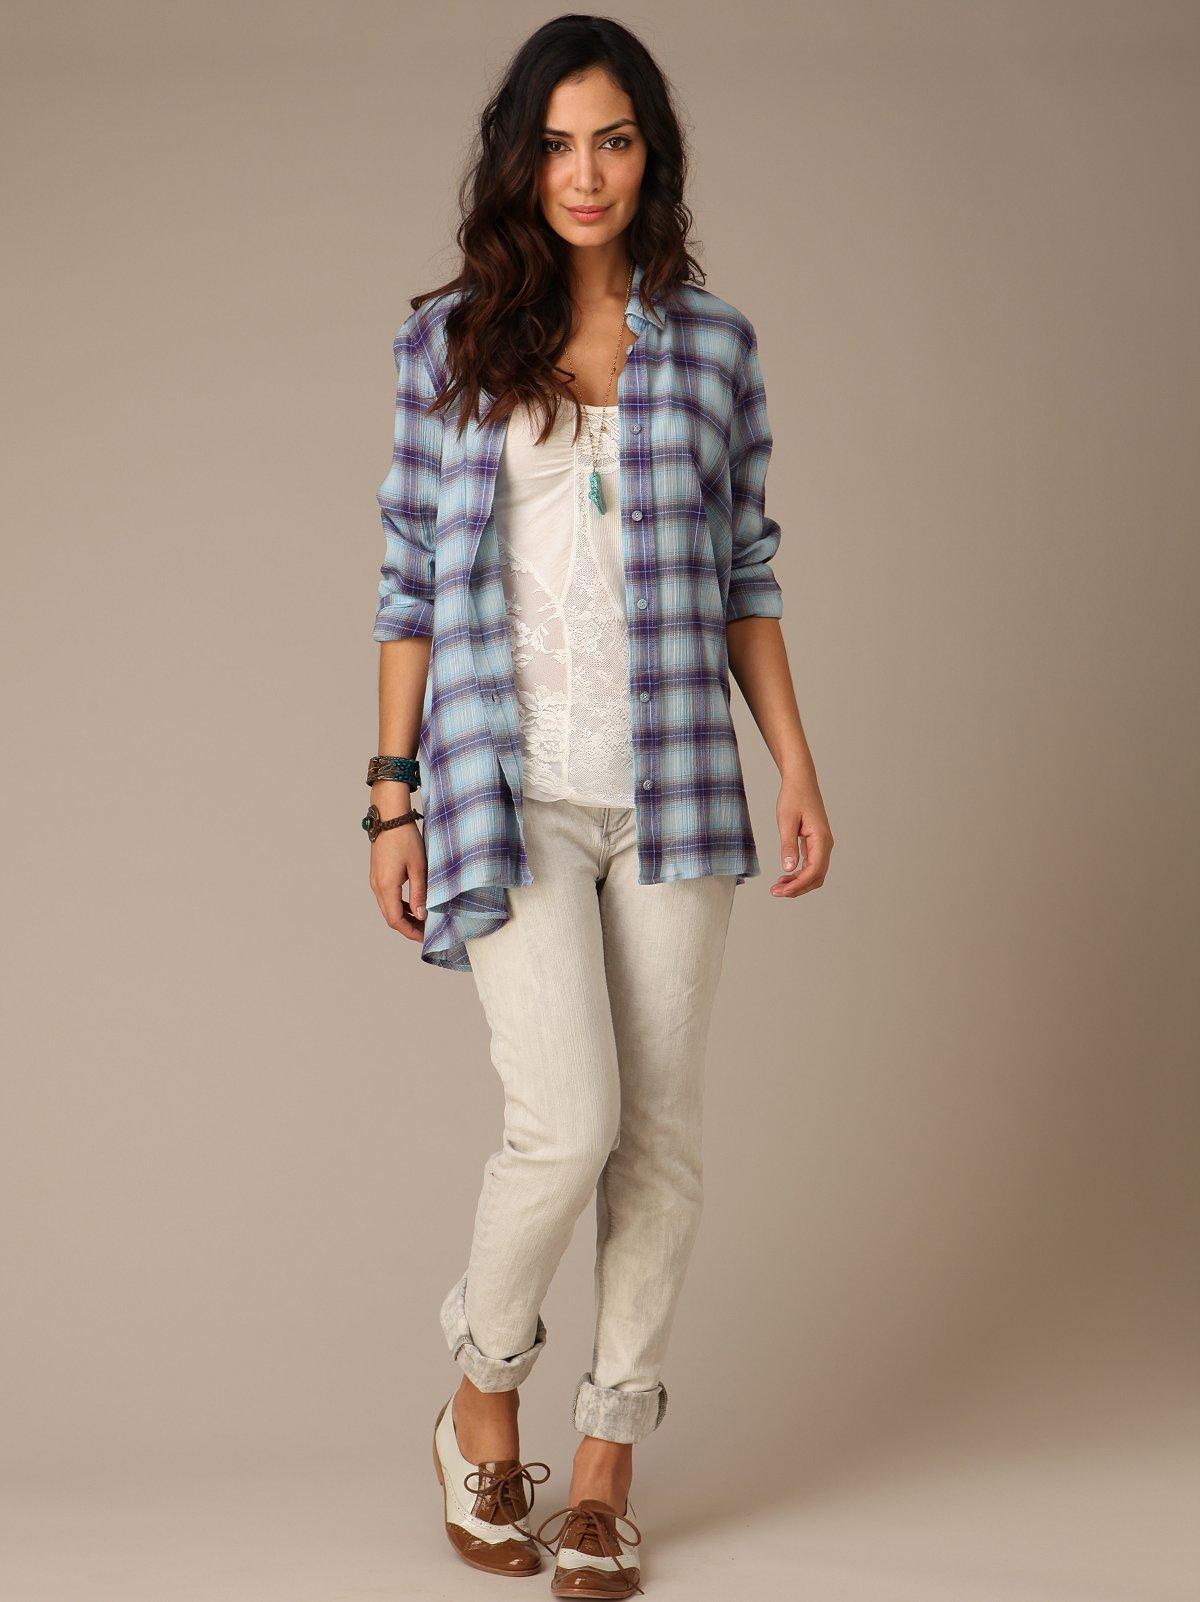 FP Skinny Grey Cloud Jeans